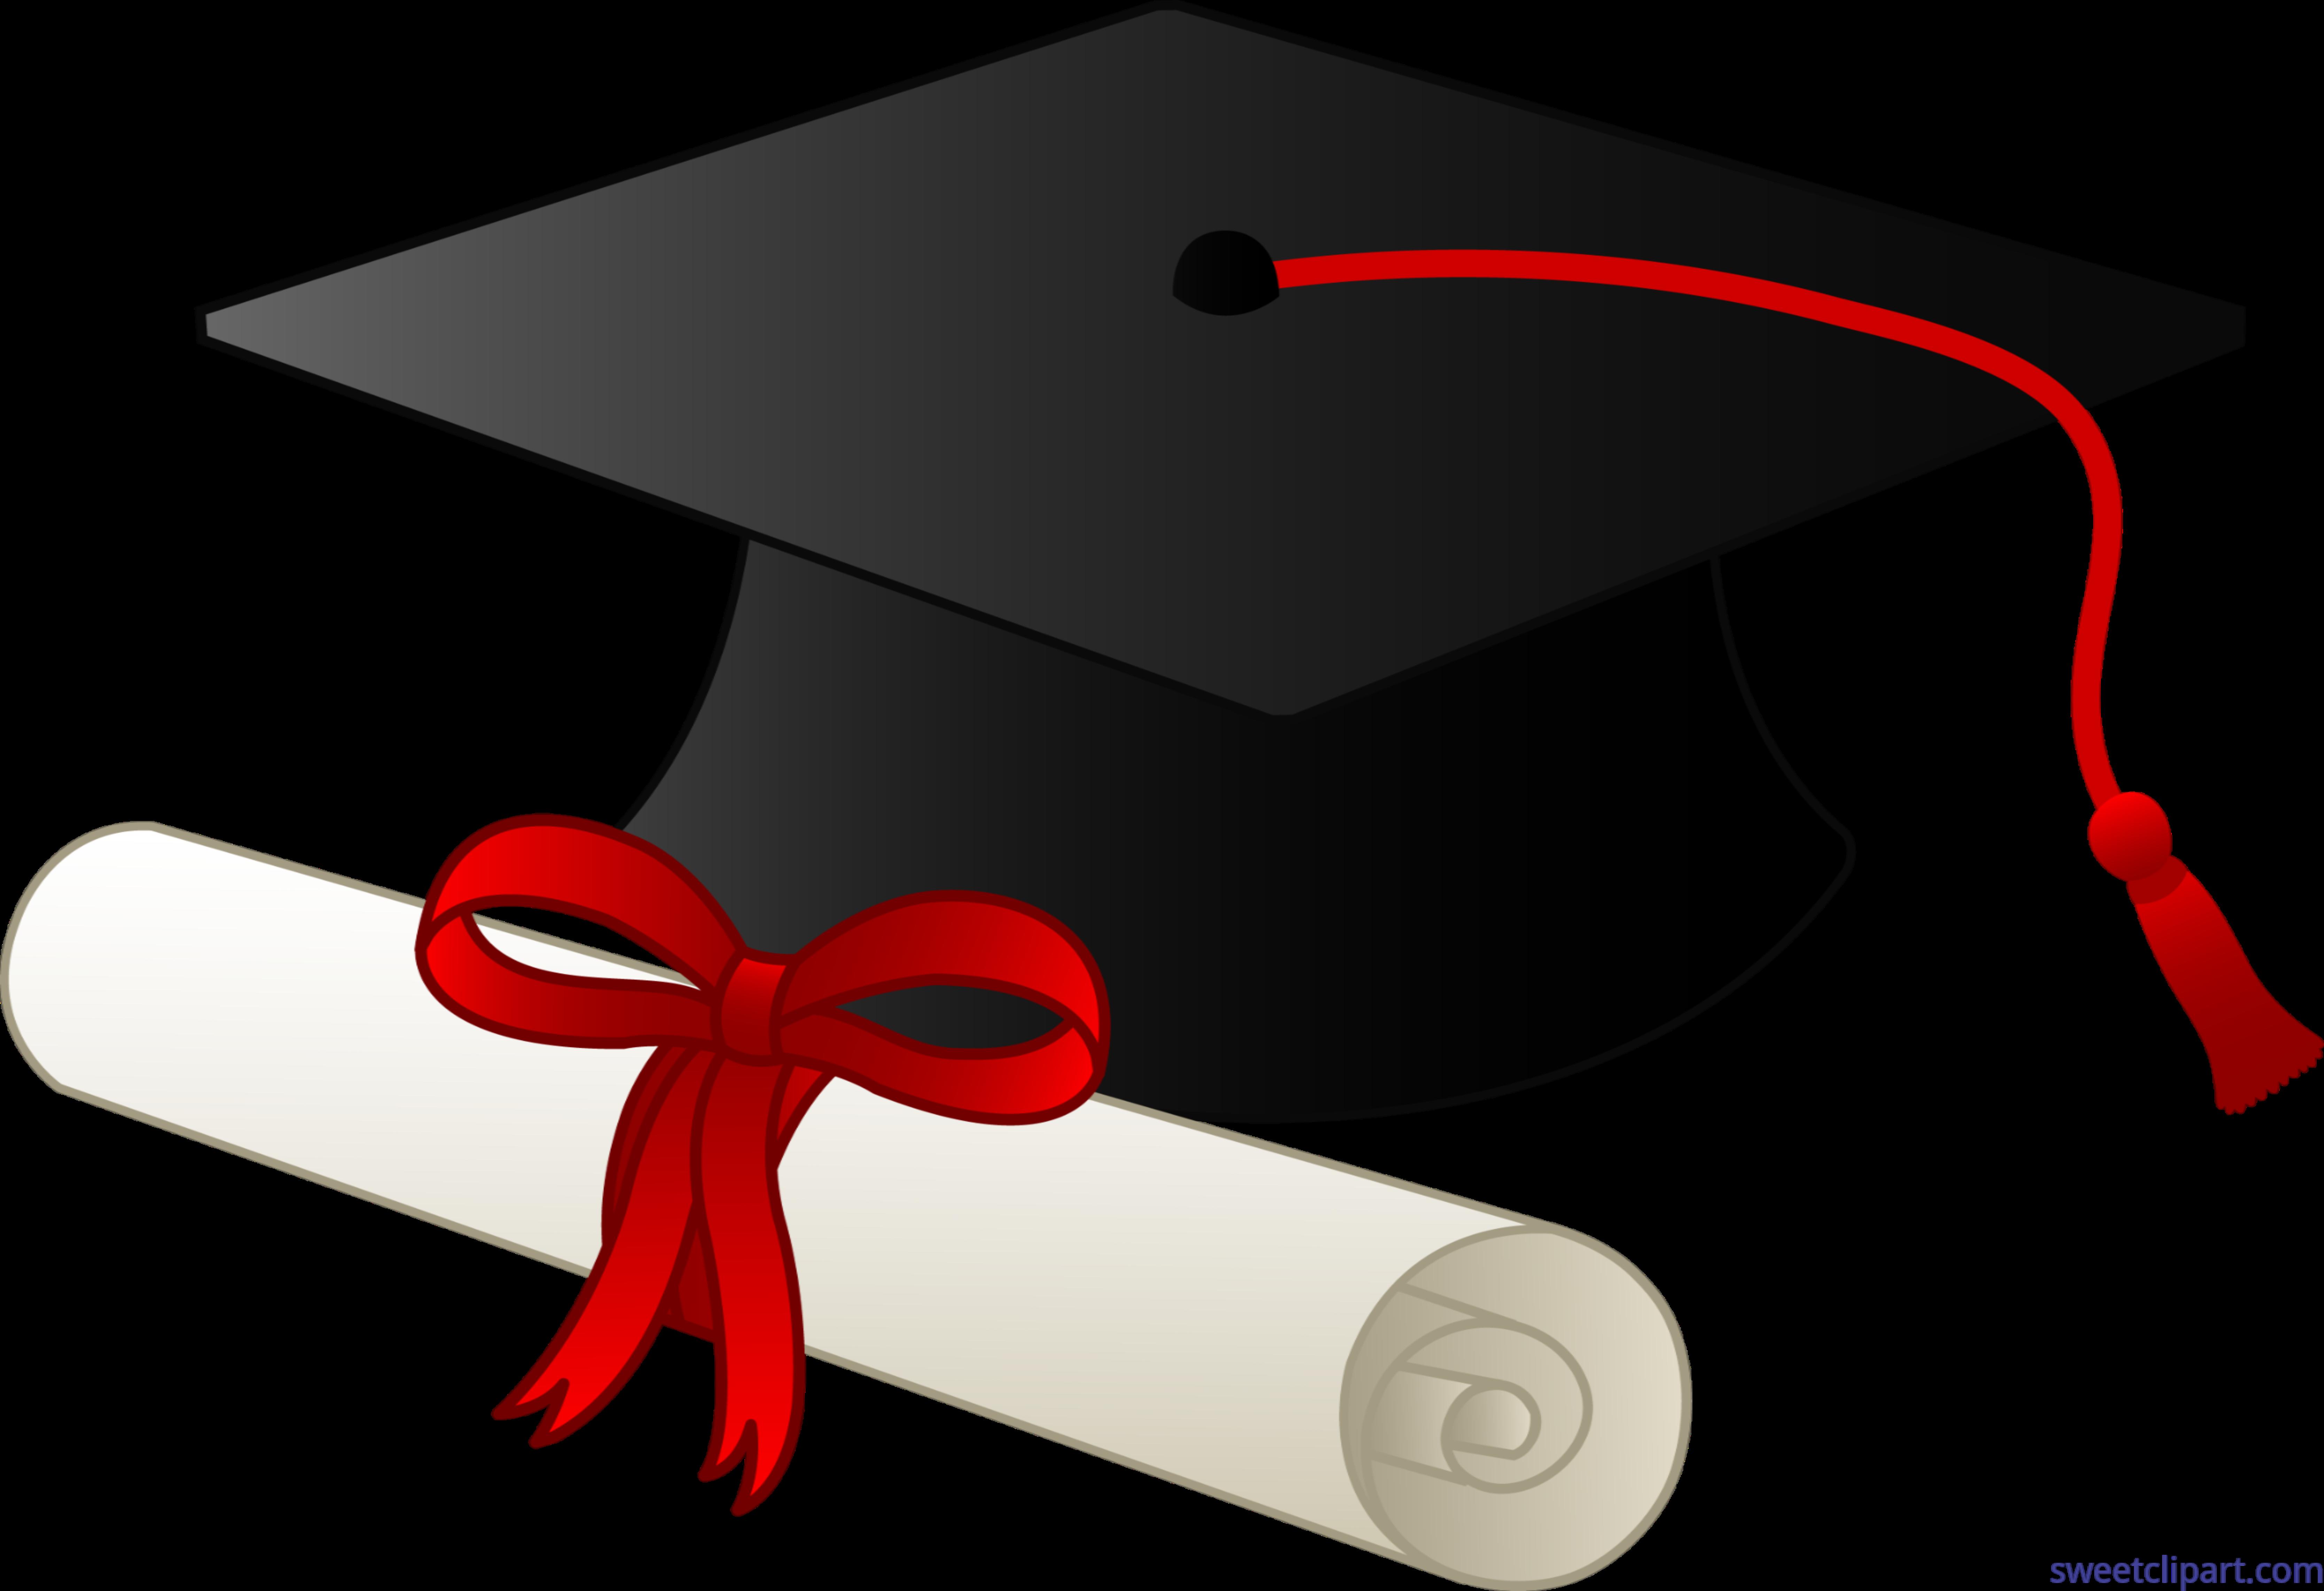 Graduation cap and clip. 2018 clipart diploma